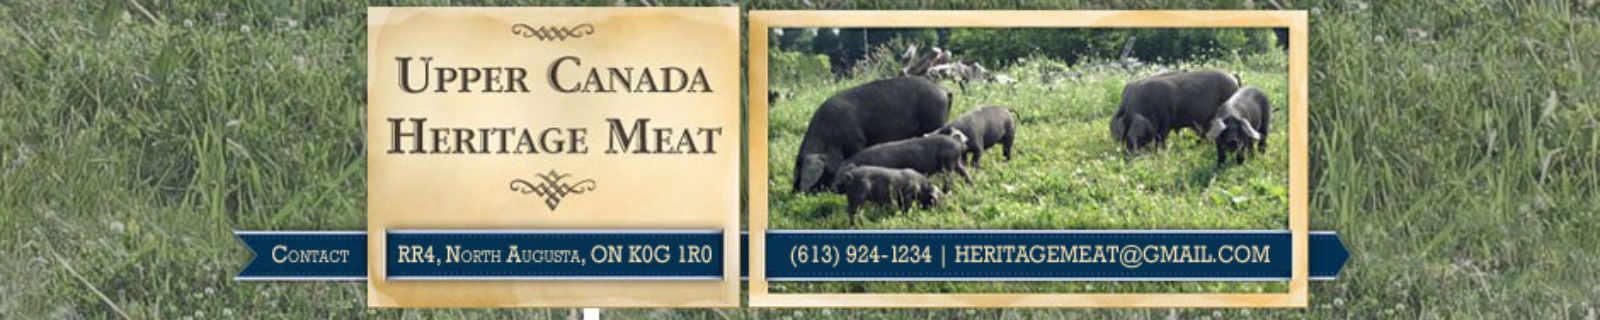 Vente de viande logo Upper Canada Heritage Meat Elizabethtown-Kitley Ontario Canada Ulocal produit local achat local